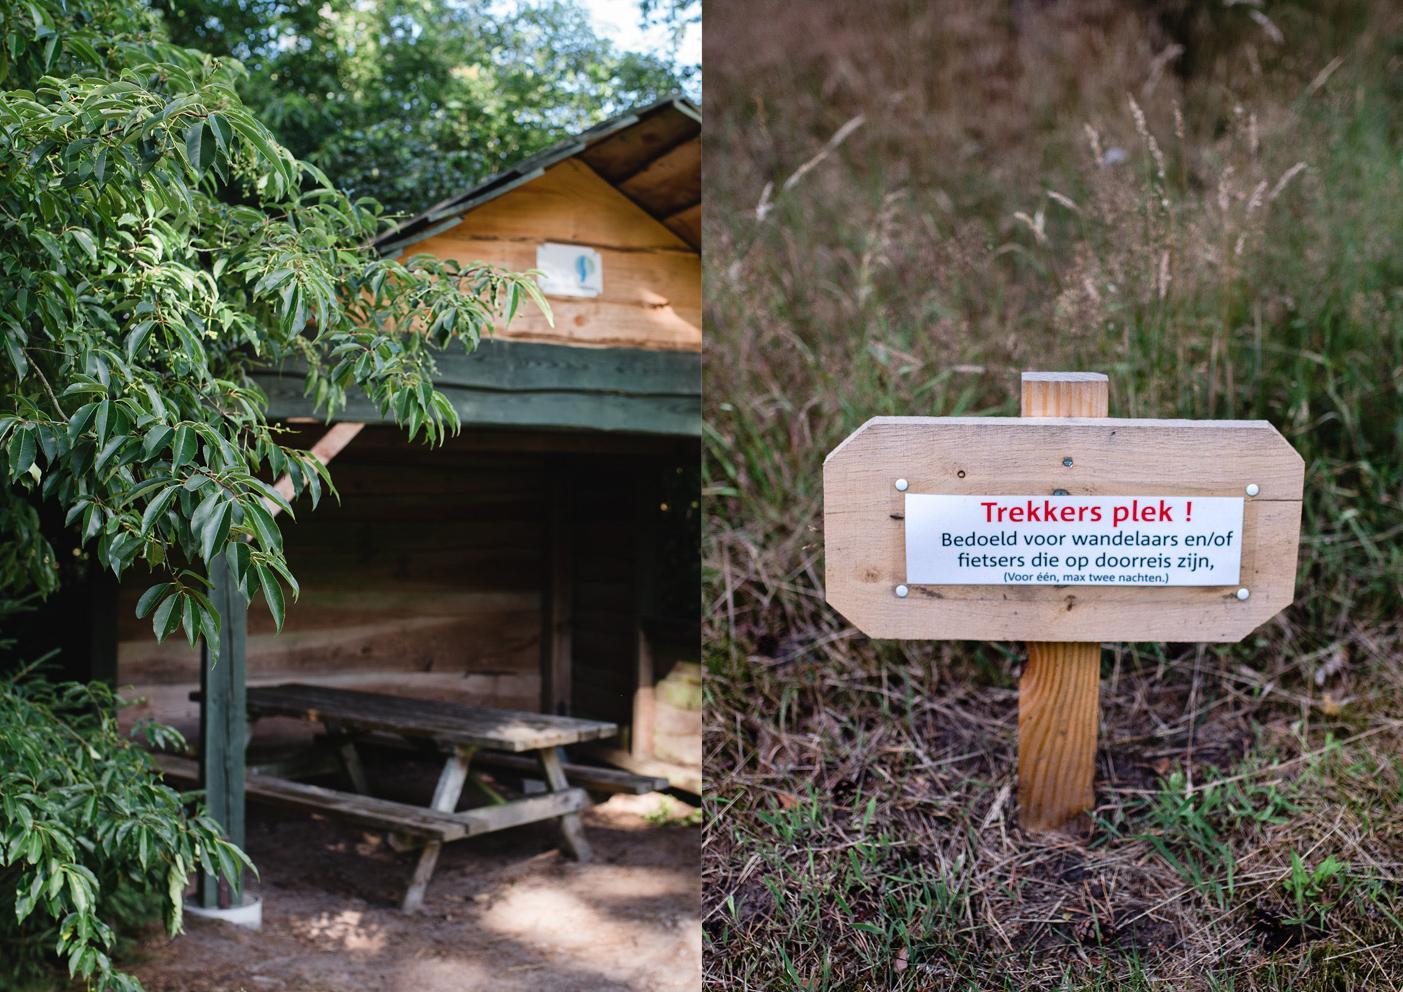 08 van 09 - rustige plekken waar ik wil kamperen -_